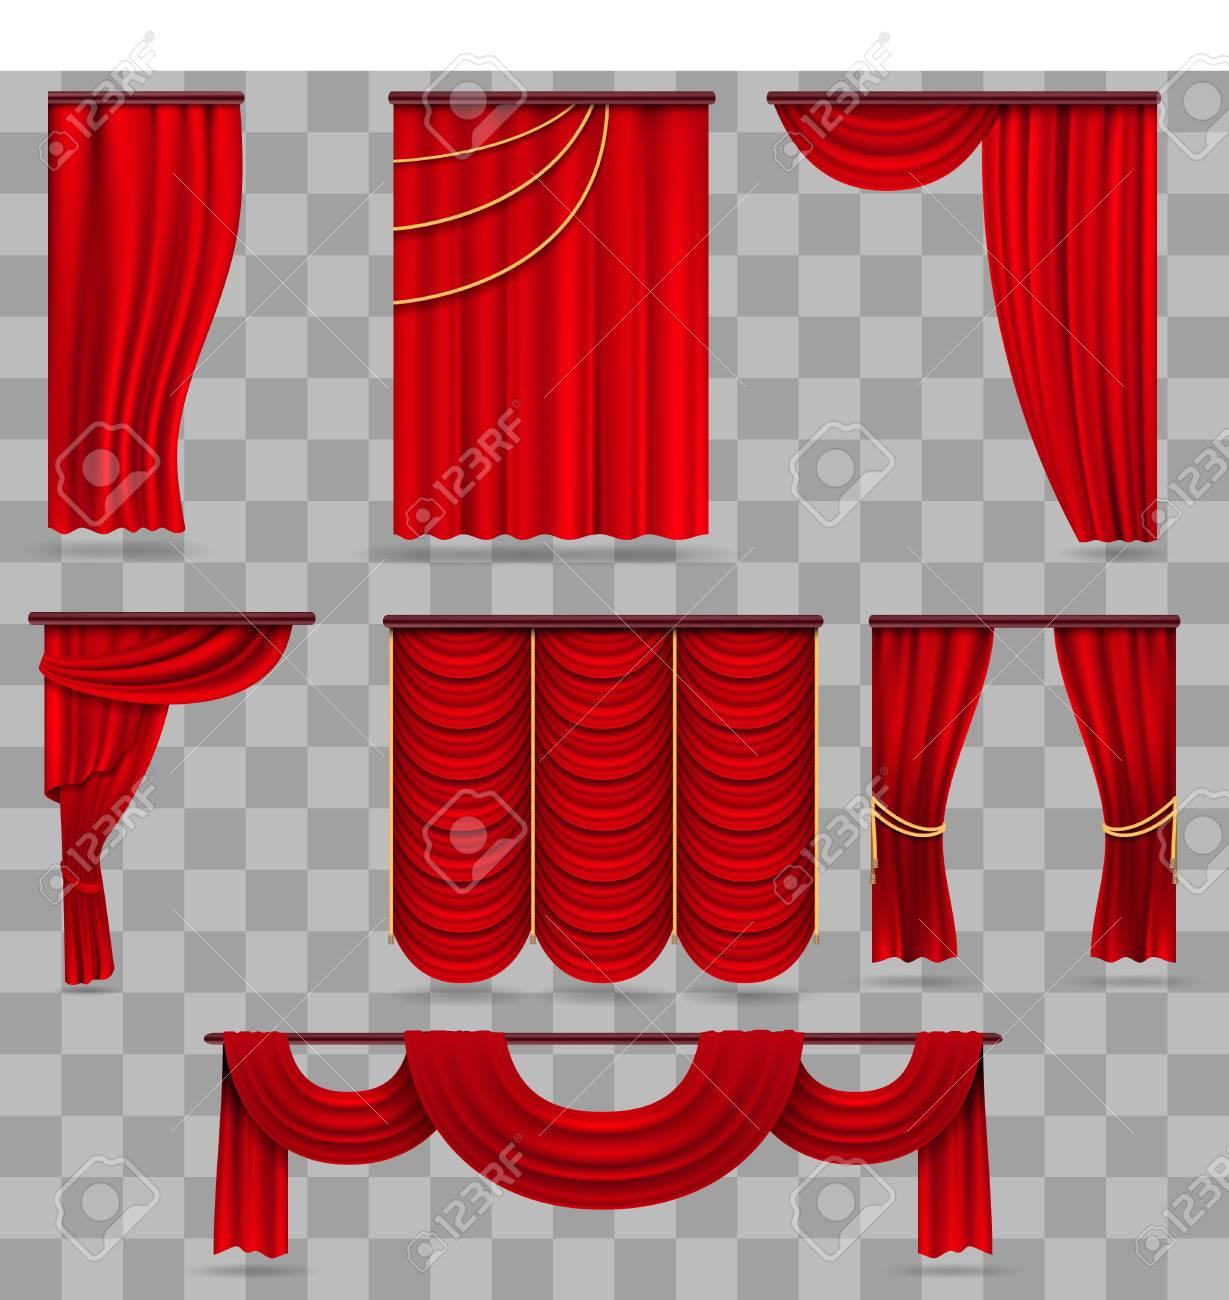 Red Velvet Drapes Stock Illustrations – 2,459 Red Velvet Drapes Stock  Illustrations, Vectors & Clipart - Dreamstime